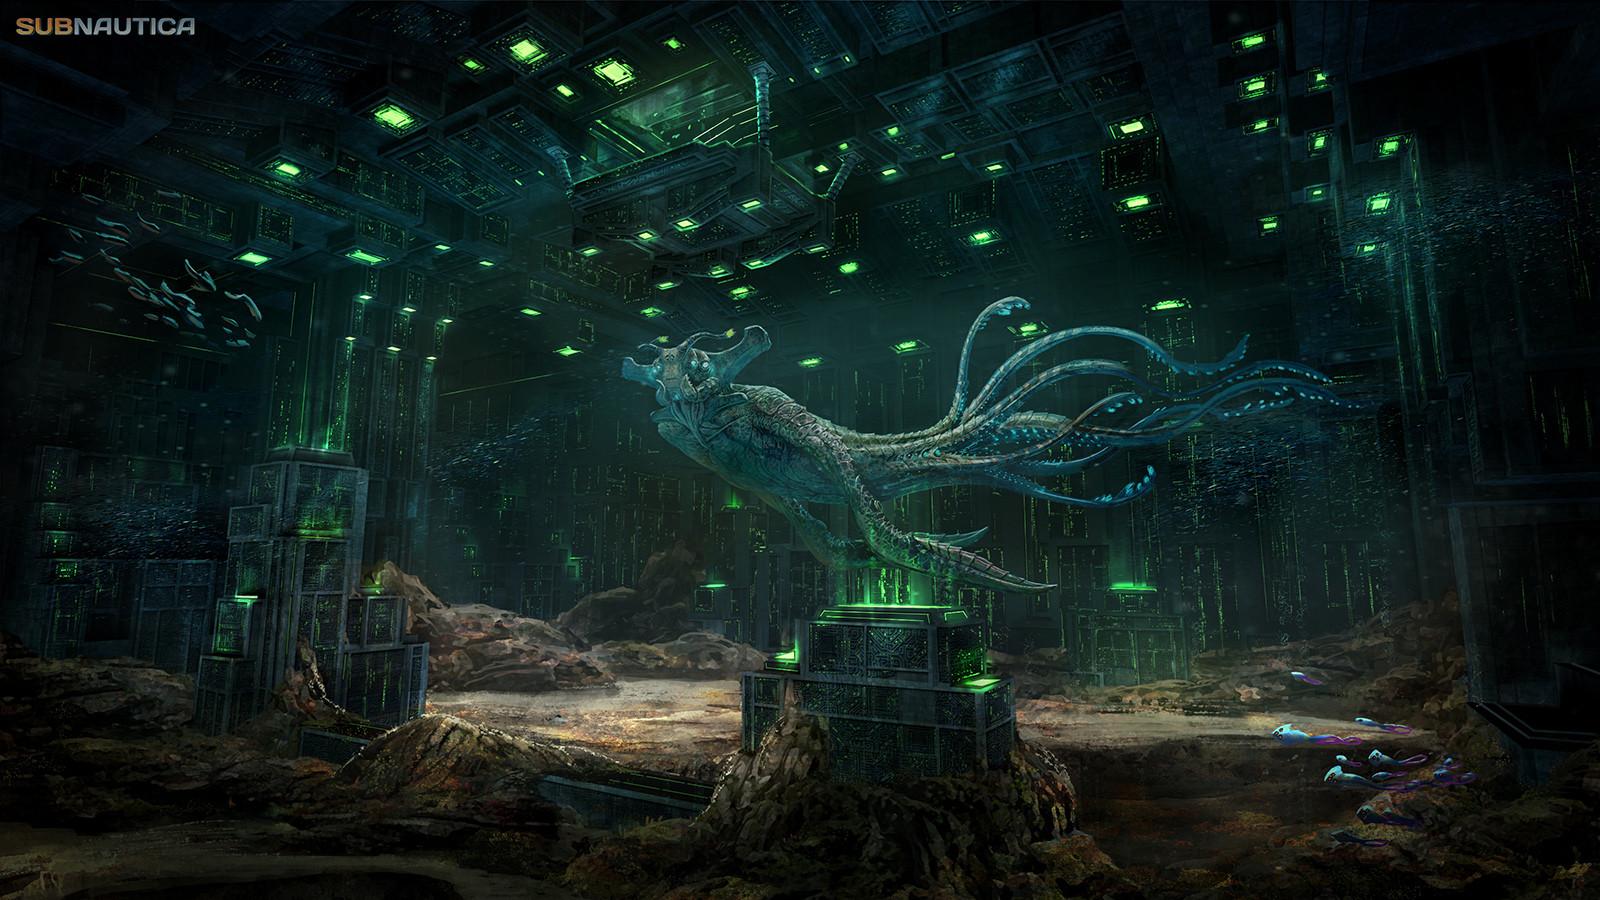 Pat presley prisonint aquarium updated lo